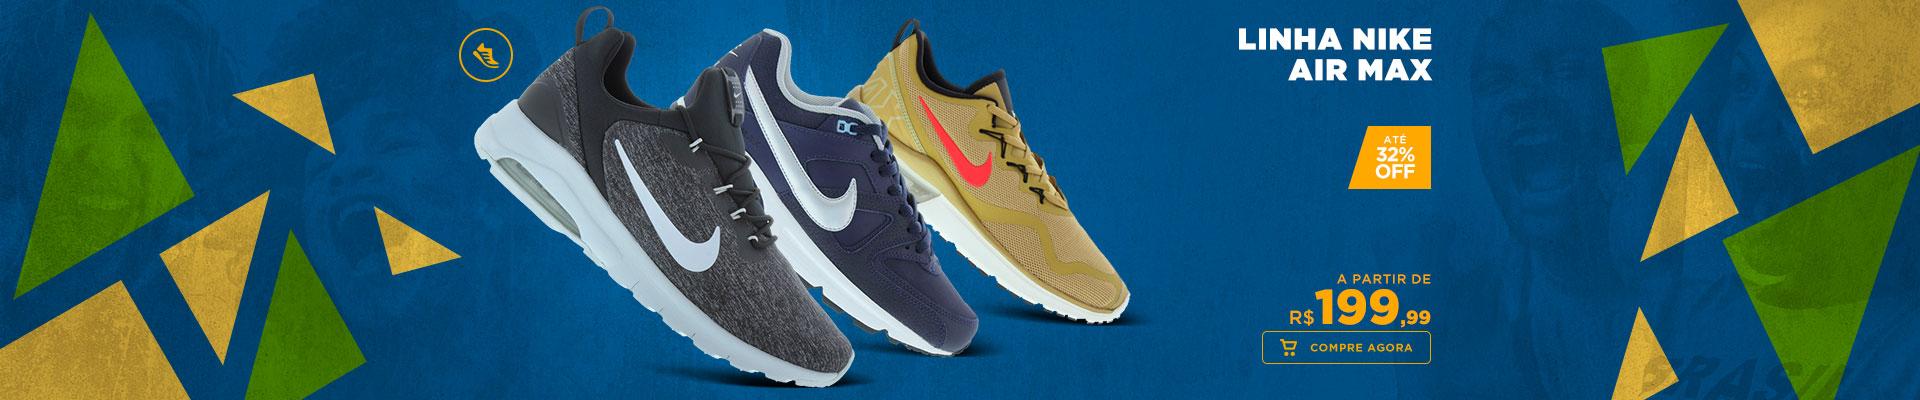 Linha Nike Air Max